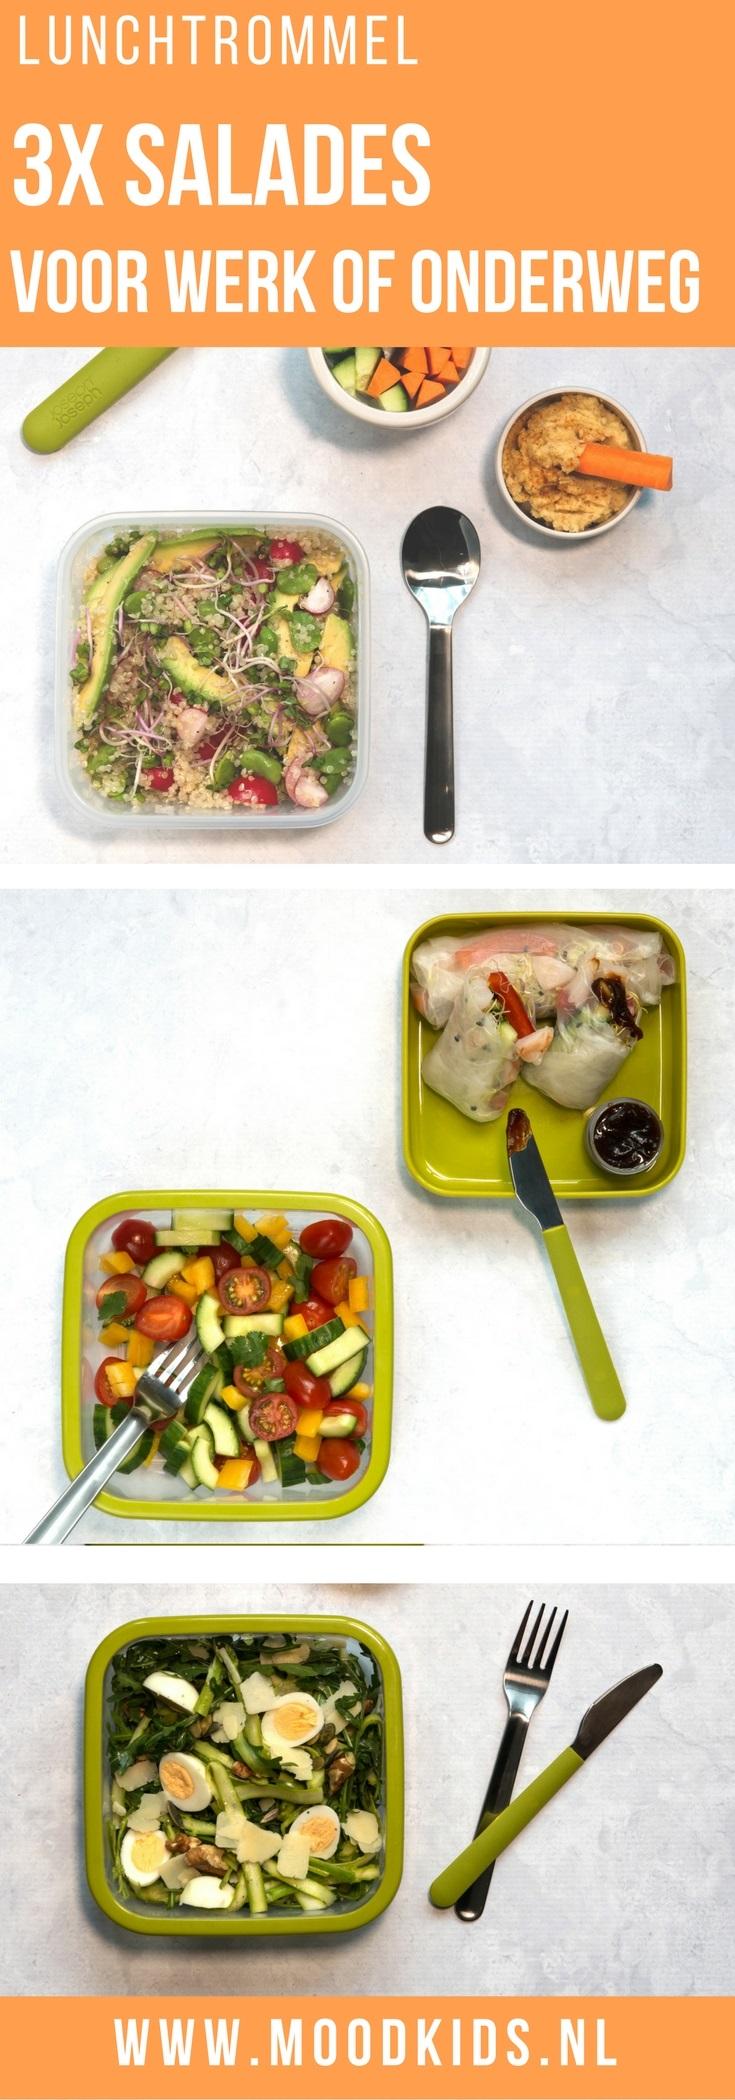 Heb jij ook een frisse start gemaakt in het nieuwe jaar? We hebben 3x een lekkere lunchtrommel salade bedacht voor op het werk of onderweg. Je vindt de recepten hier.